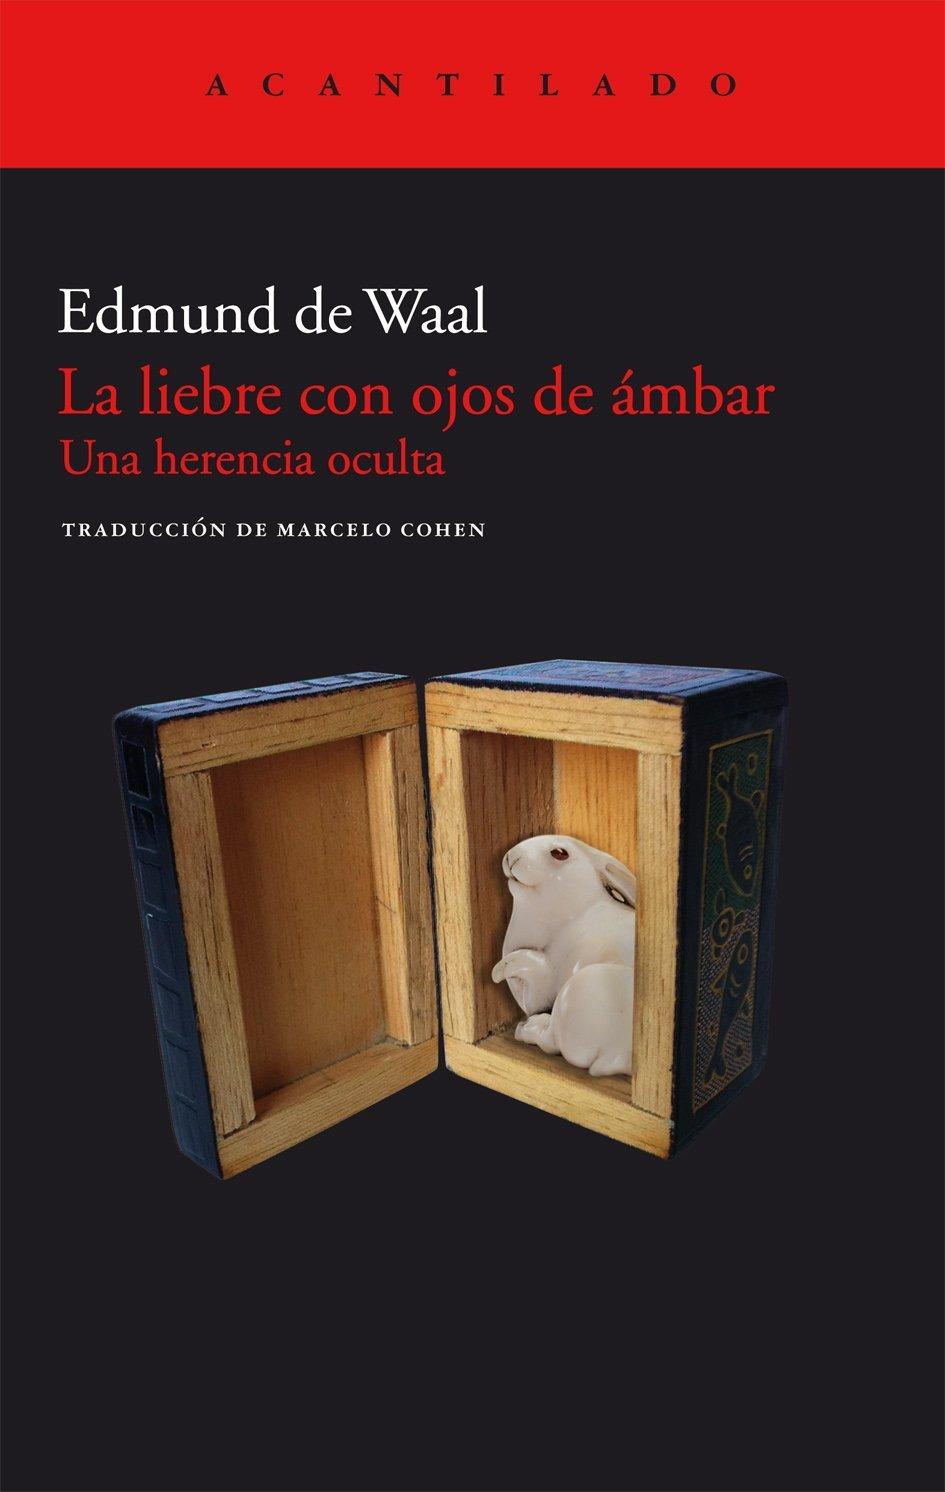 La liebre con ojos de mbar acantilado amazon es edmund de waal marcelo cohen de levis libros